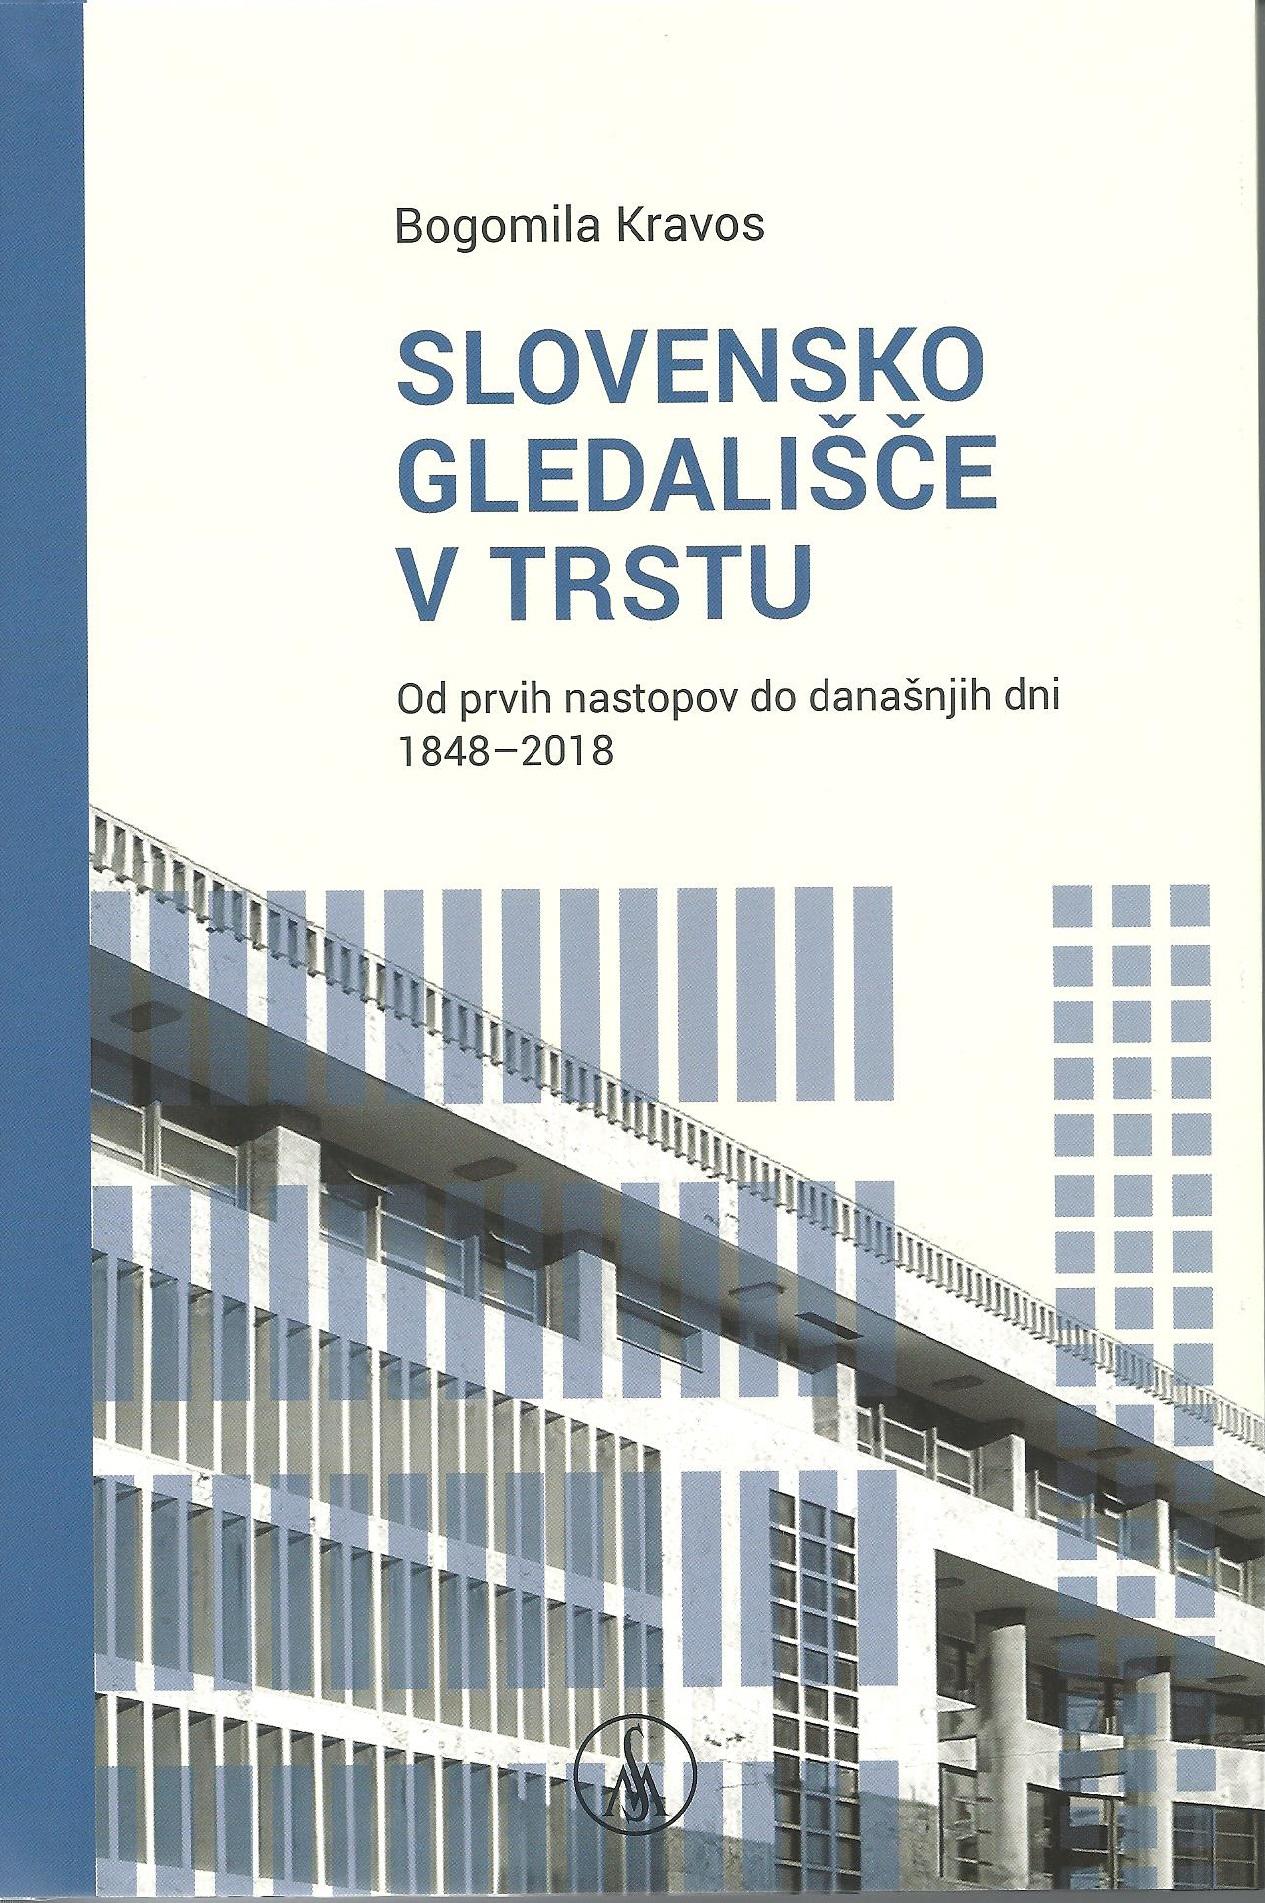 Pogovor o knjigi Bogomile Kravos Slovensko gledališče v Trstu